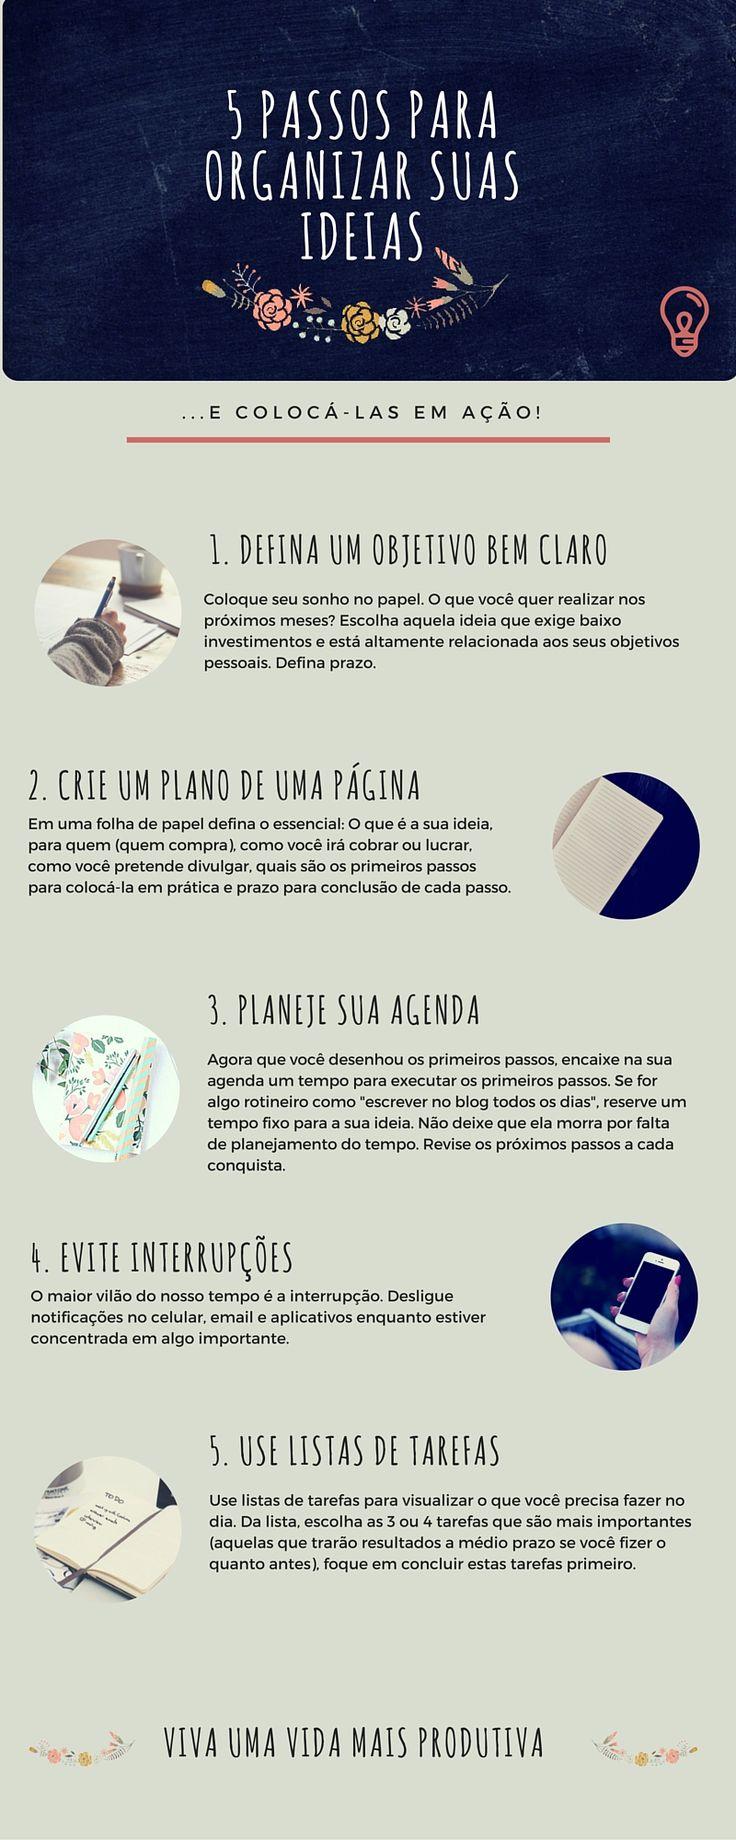 5 passos para organizar ideias